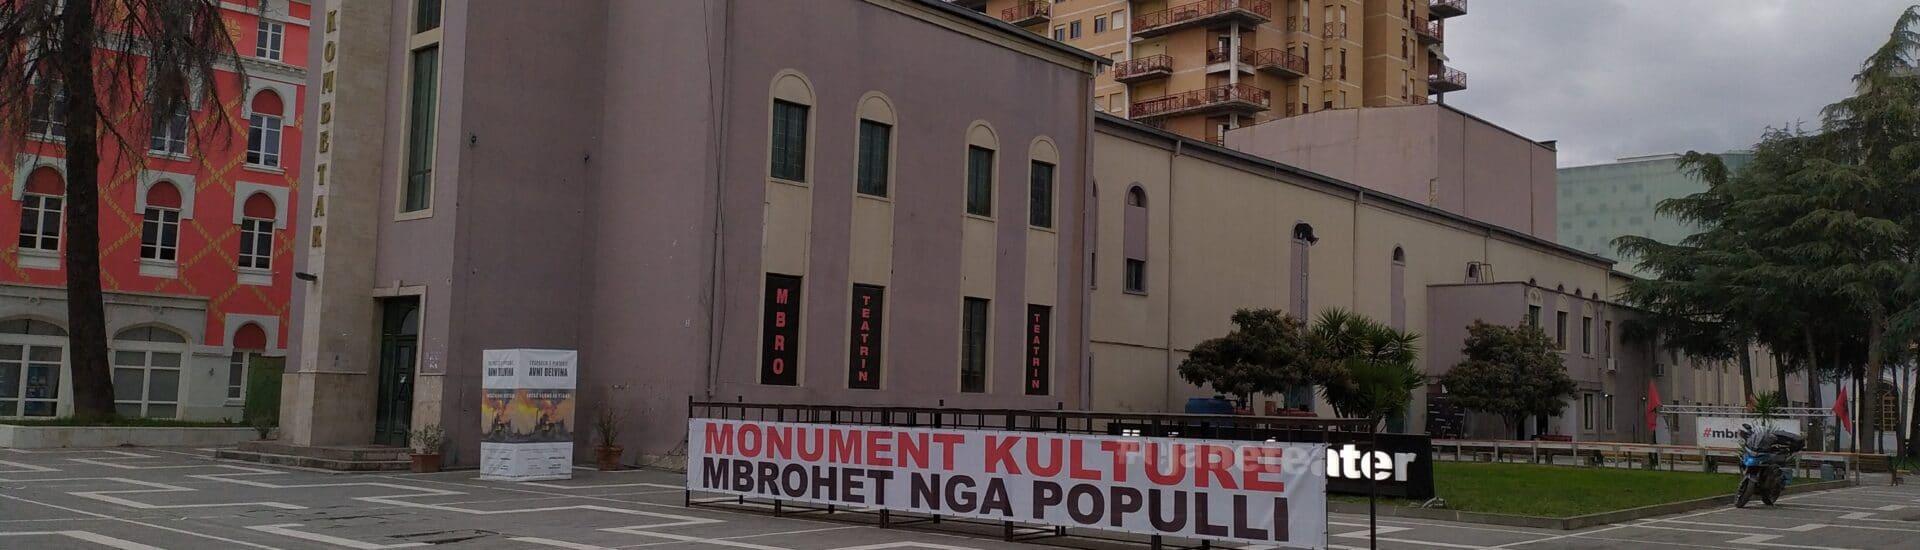 Η αυθαιρεσία του Ράμα προκαλεί συγκρούσεις στην Αλβανία